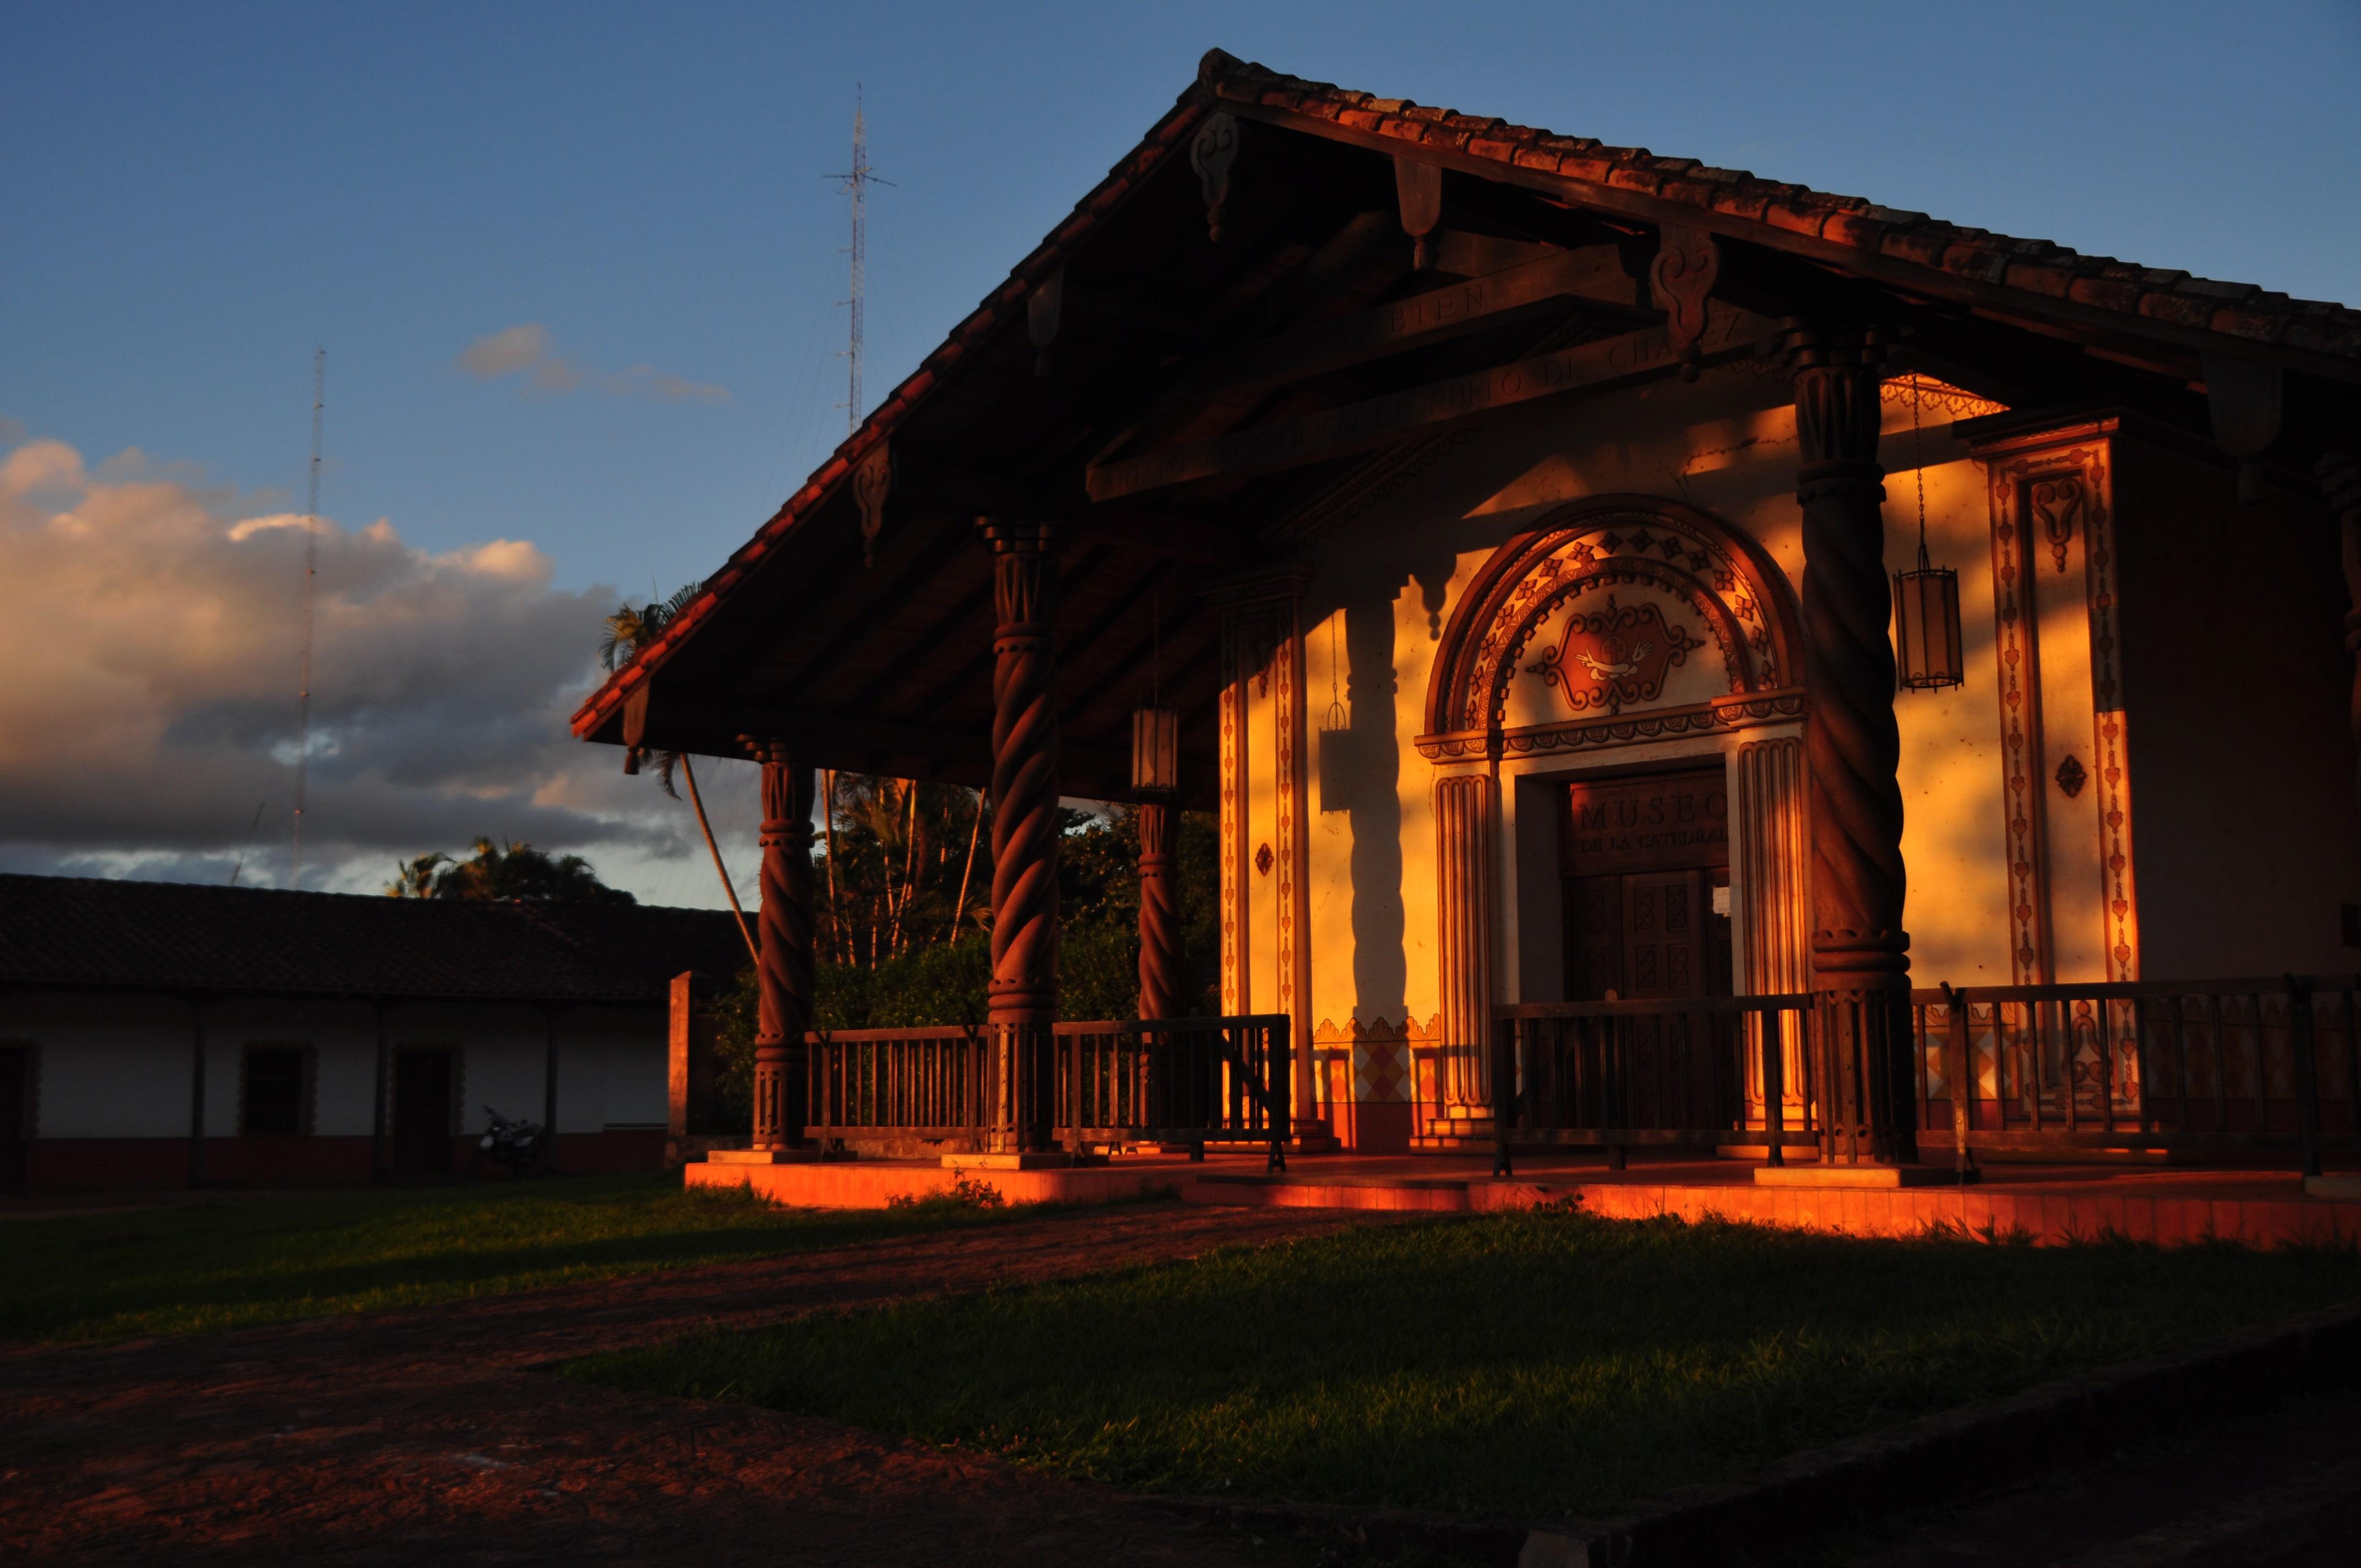 Santa Cruz de la Sierra e le missioni gesuite (San Jose de Chiquitos, San Rafael de Velasco, San Ignacio de Velasco, Concepcion e San Javier de Velasco)